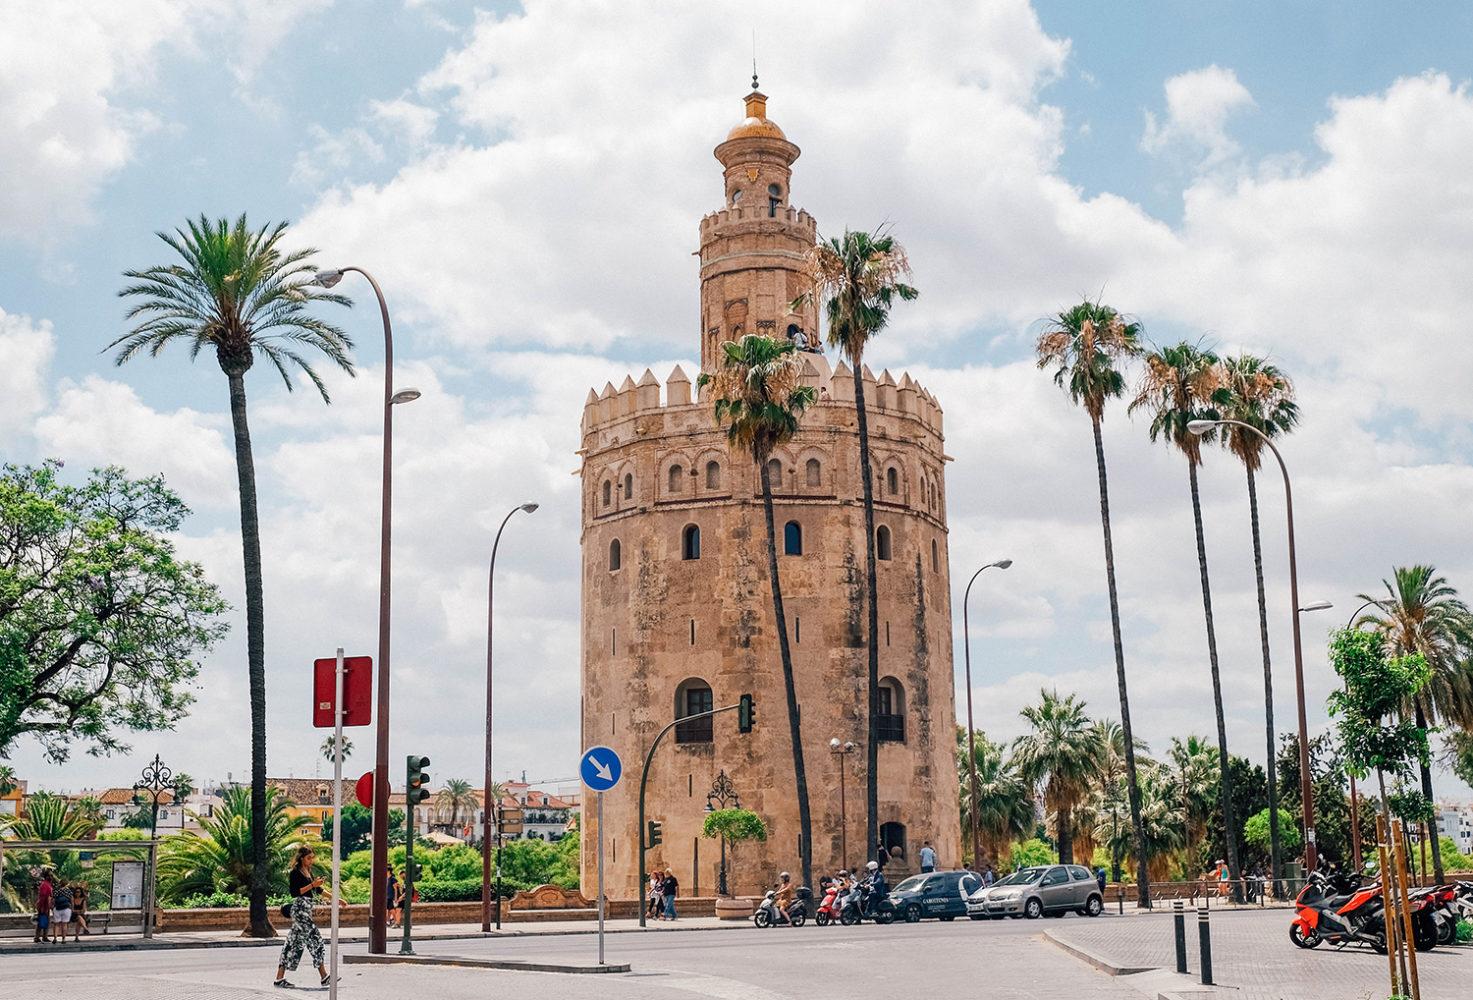 Vue sur la Torre del Oro, ancienne tour de guet